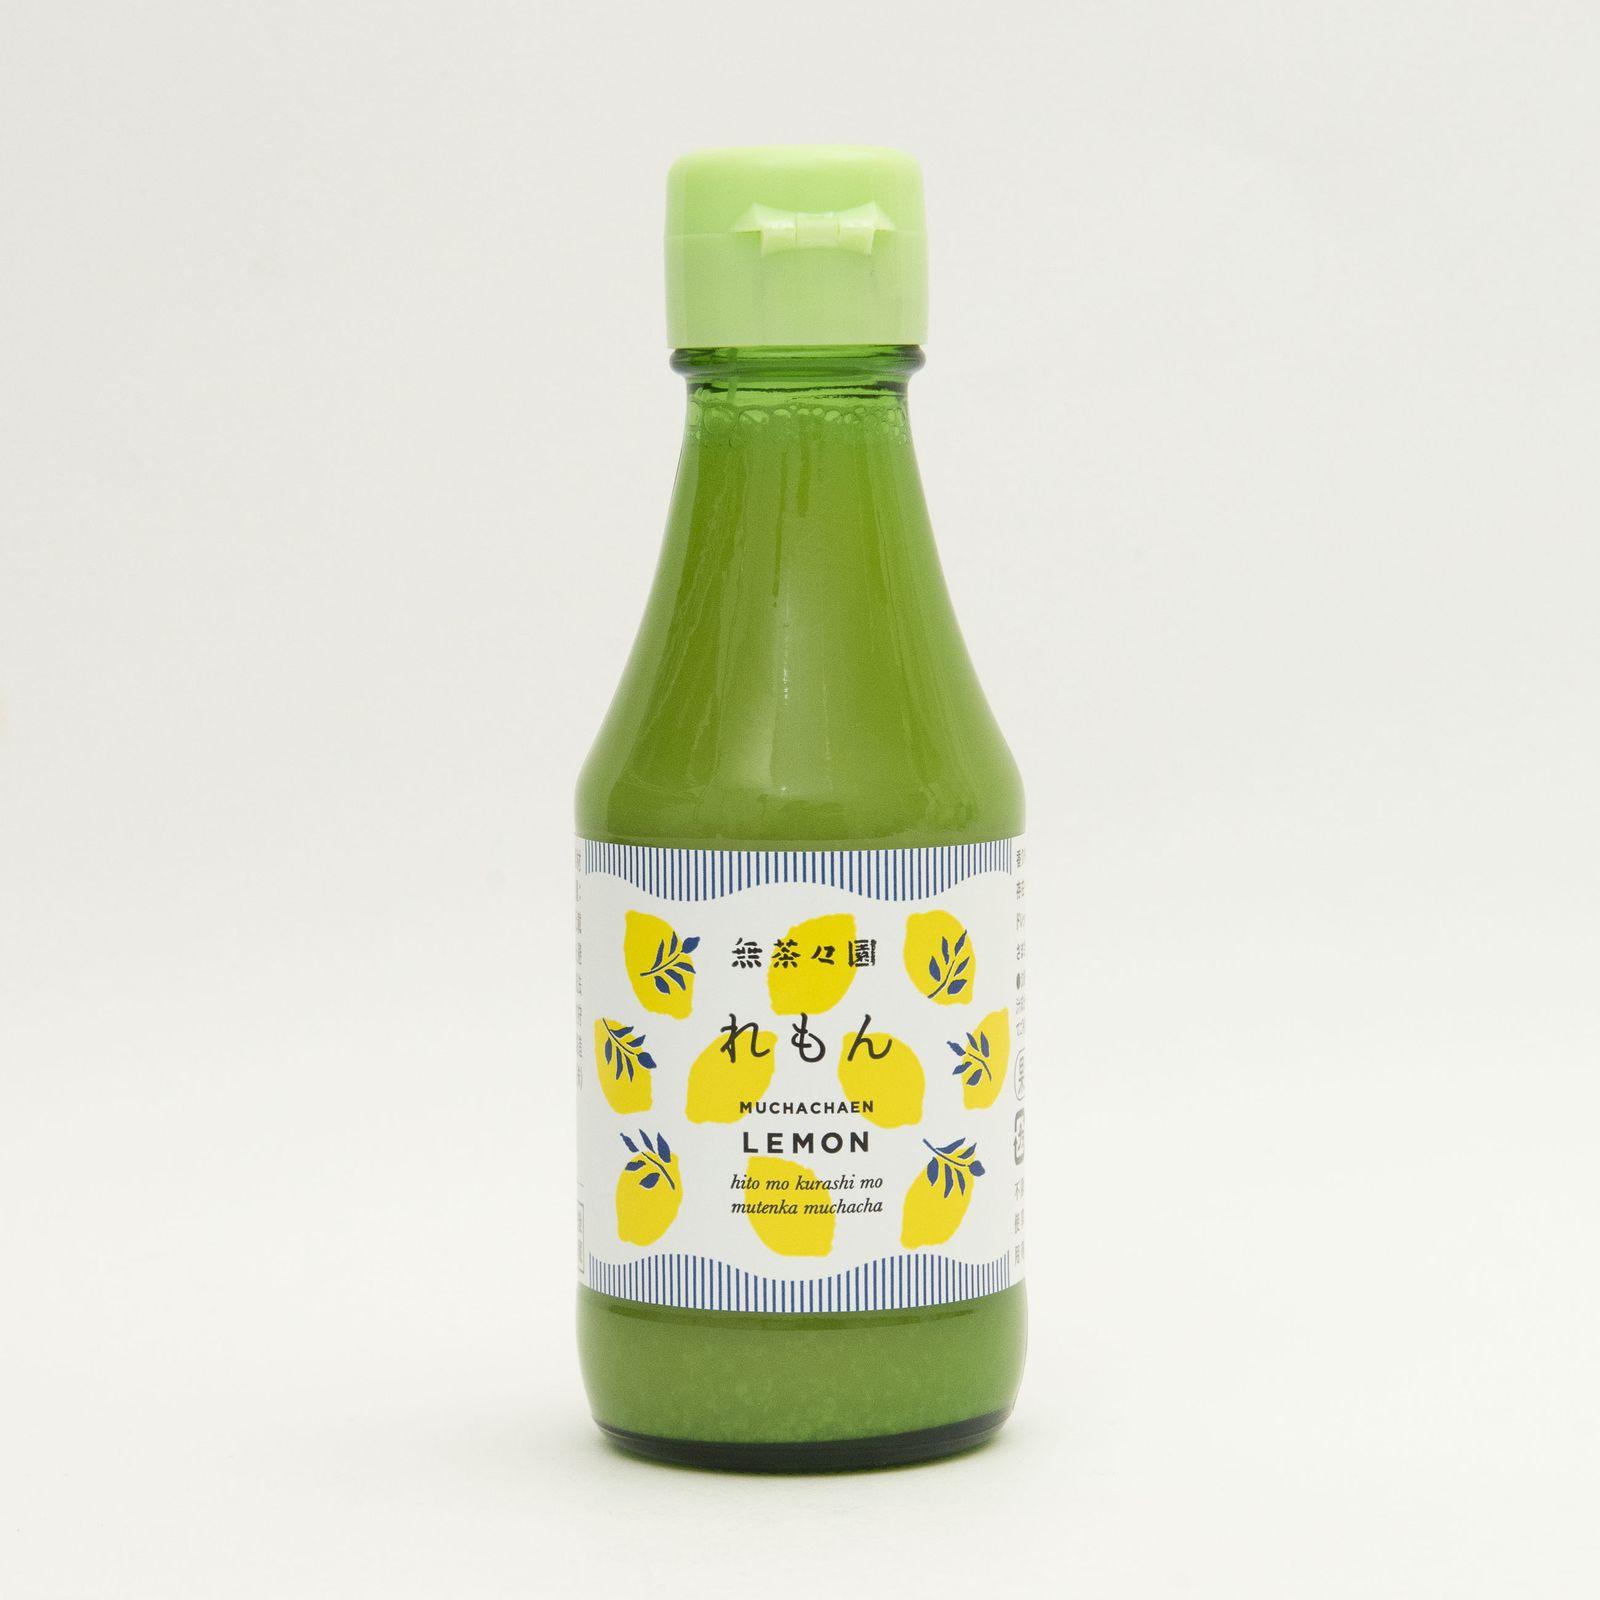 果汁 れもんストレート果汁